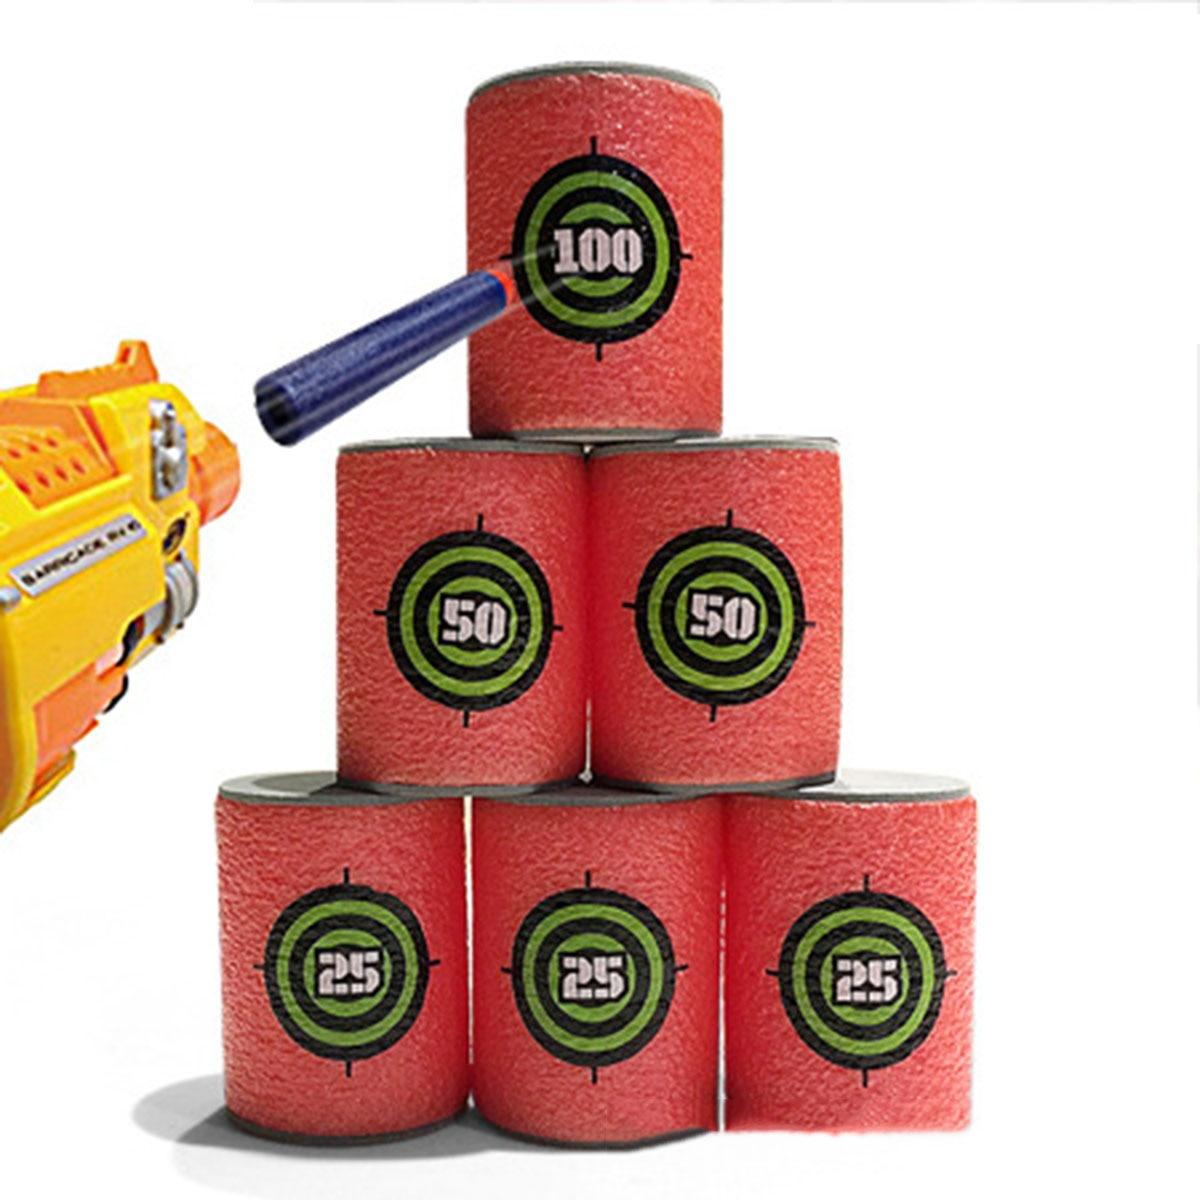 6 قطعة رغوة شرب زجاجة رصاصة لوازم التدريب لعبة الأهداف النار نبال Nerf مجموعة ل N-سترايك الثابتة النخبة ألعاب لينة الملحق اللعب